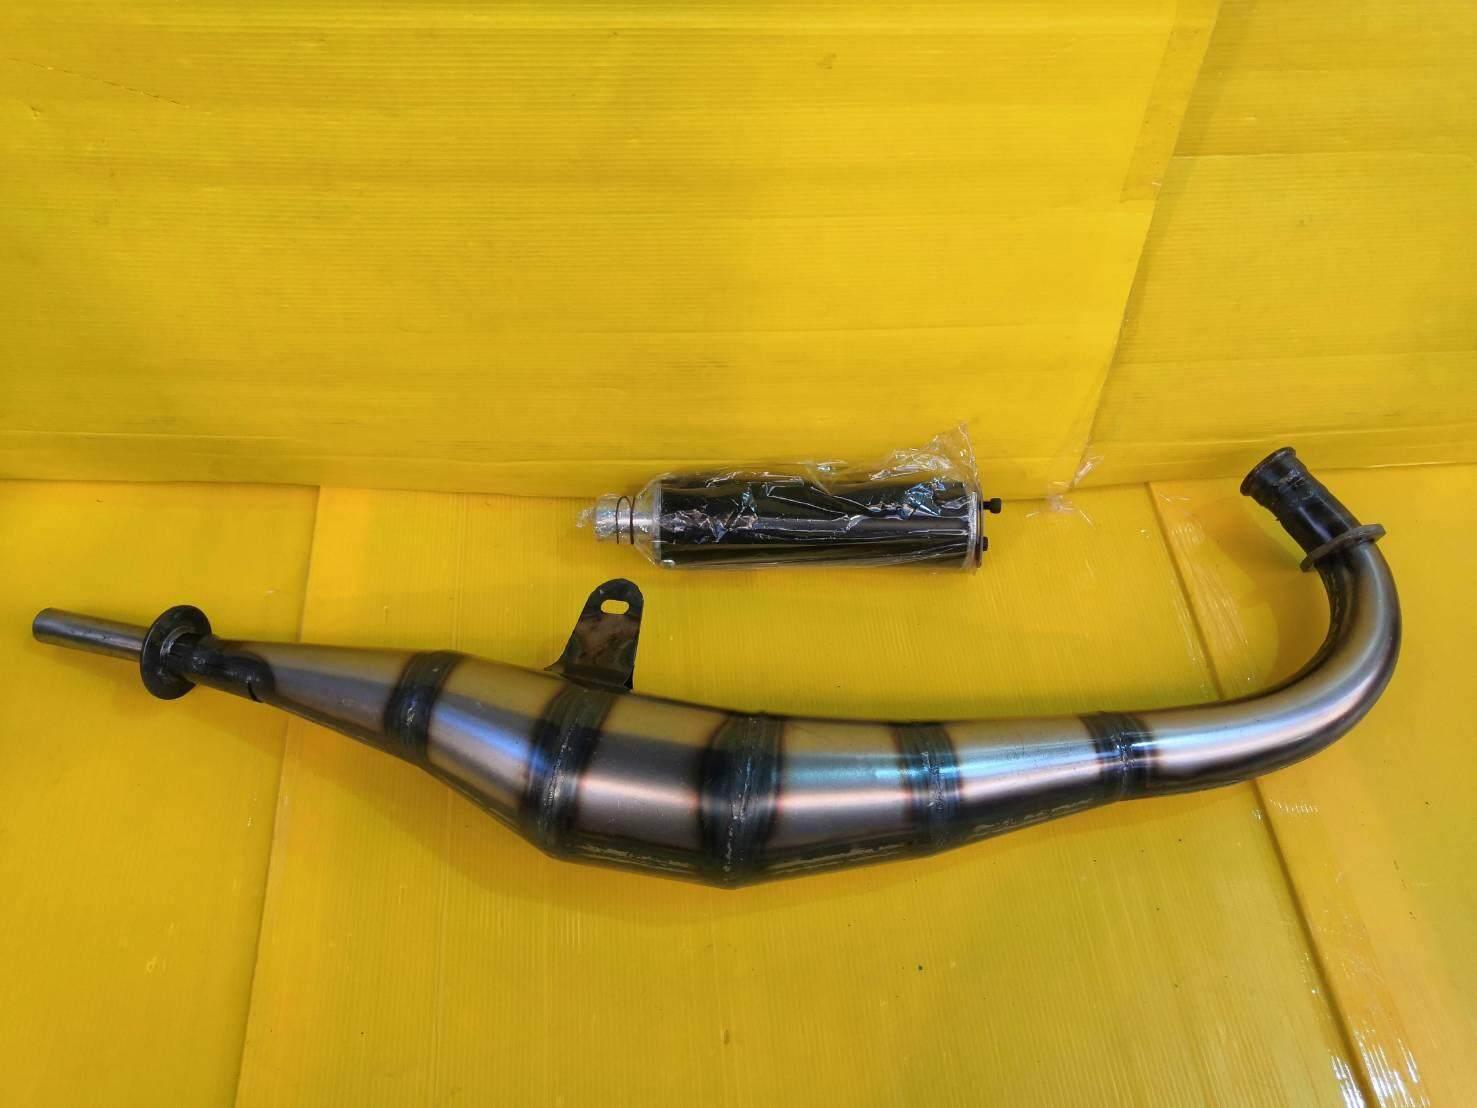 โปรโมชั่น ท่อสูตร ท่อข้าง แบบเหล็ก 2T Tena เทน่า โนวา NOVA ปลายสีดำ ส่งฟรีเก็บเงินปลายทาง